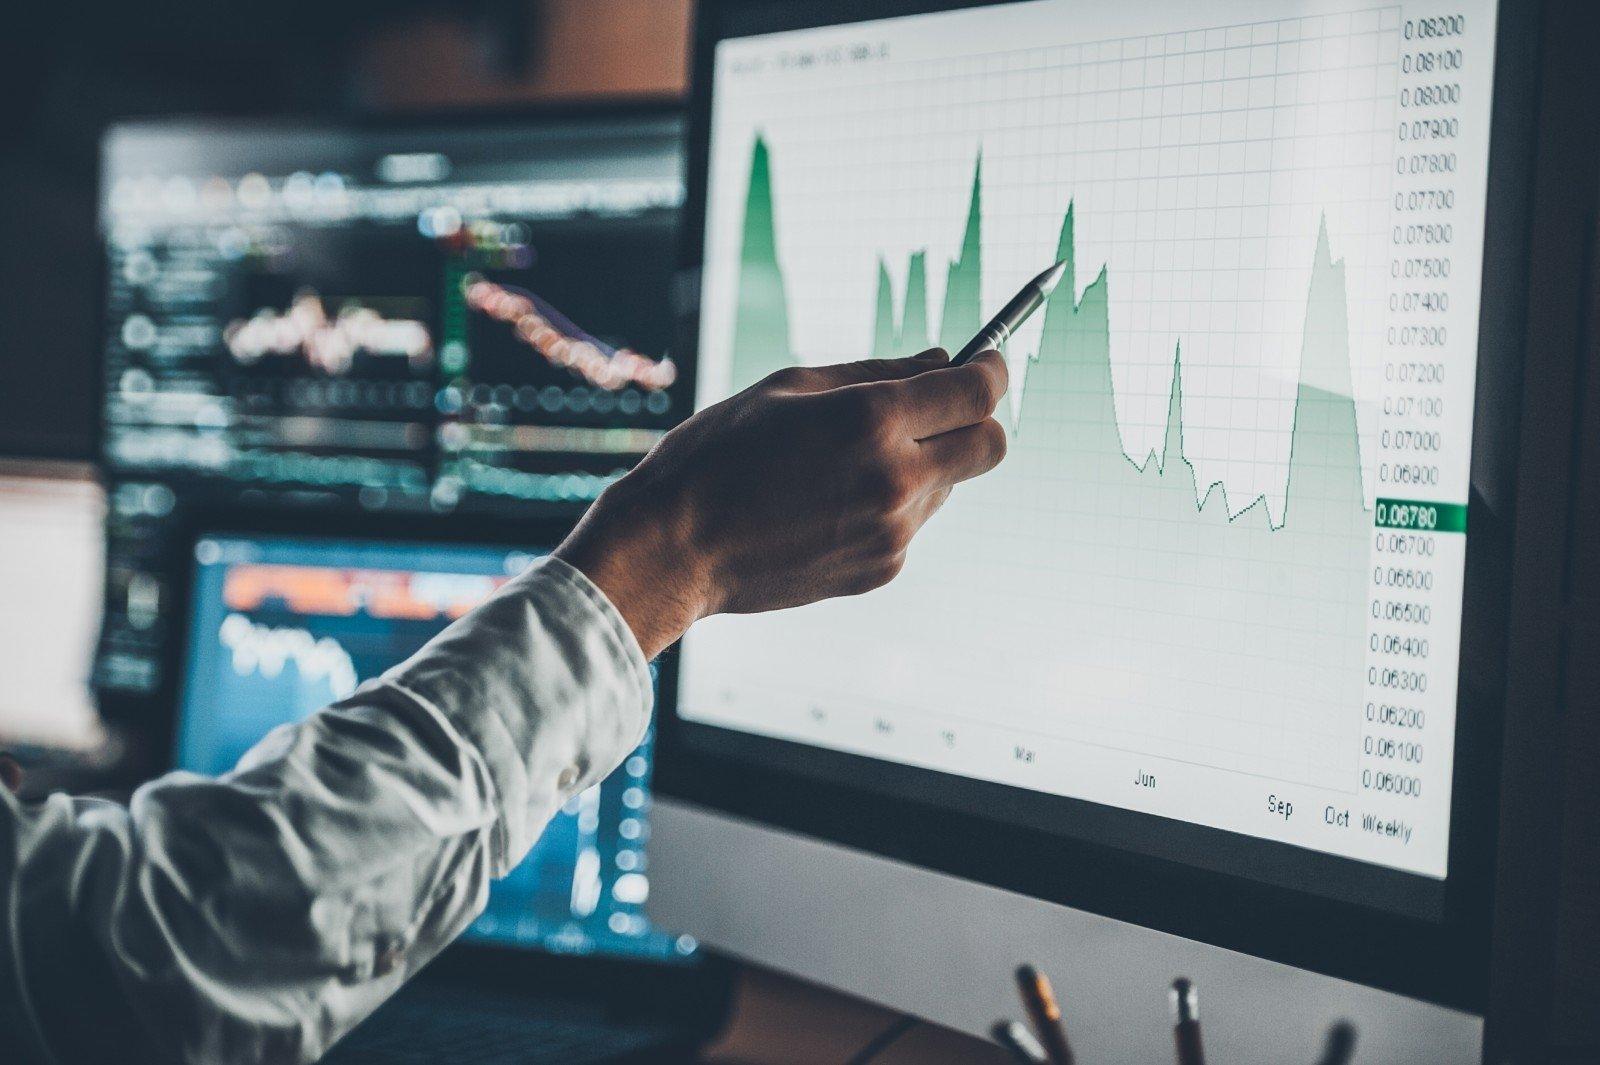 какими бывают риски инвестирования